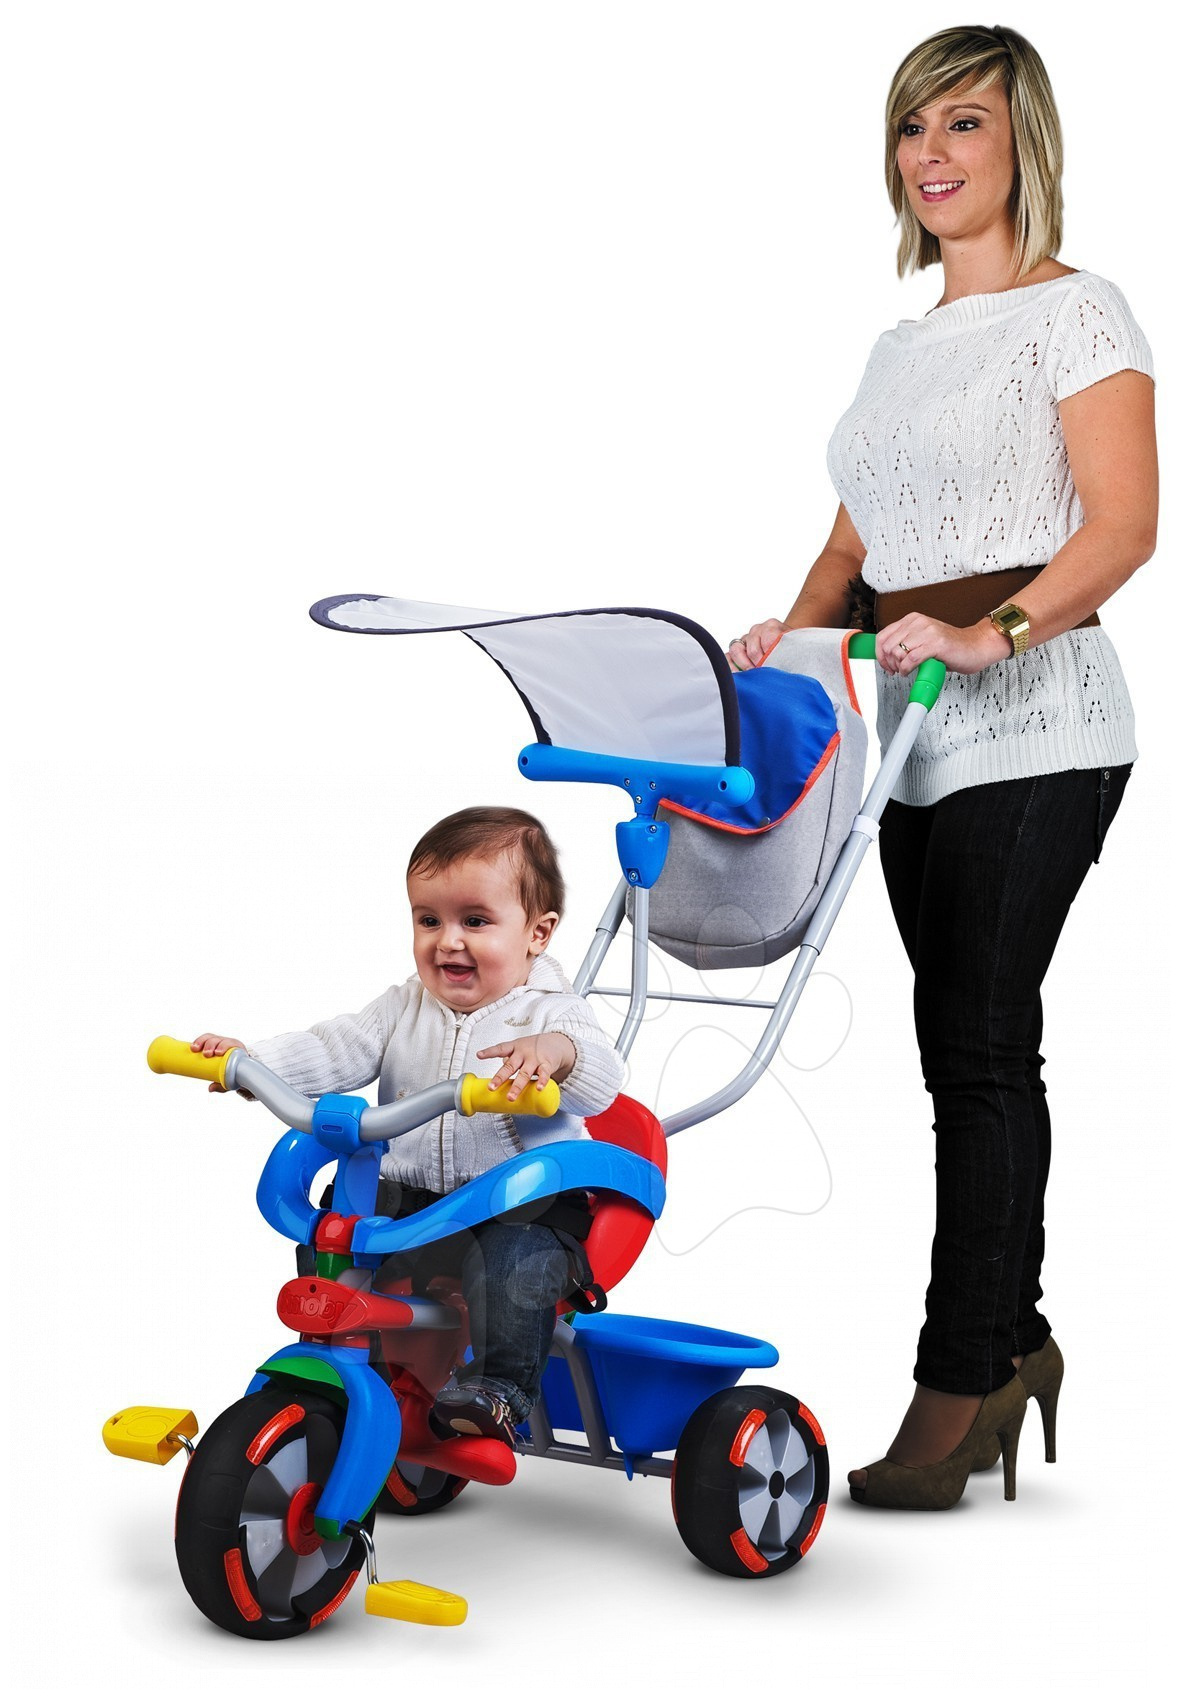 Tříkolka Baby Driver Confort MIXTE Smoby vodcí tyč od 10 měsíců